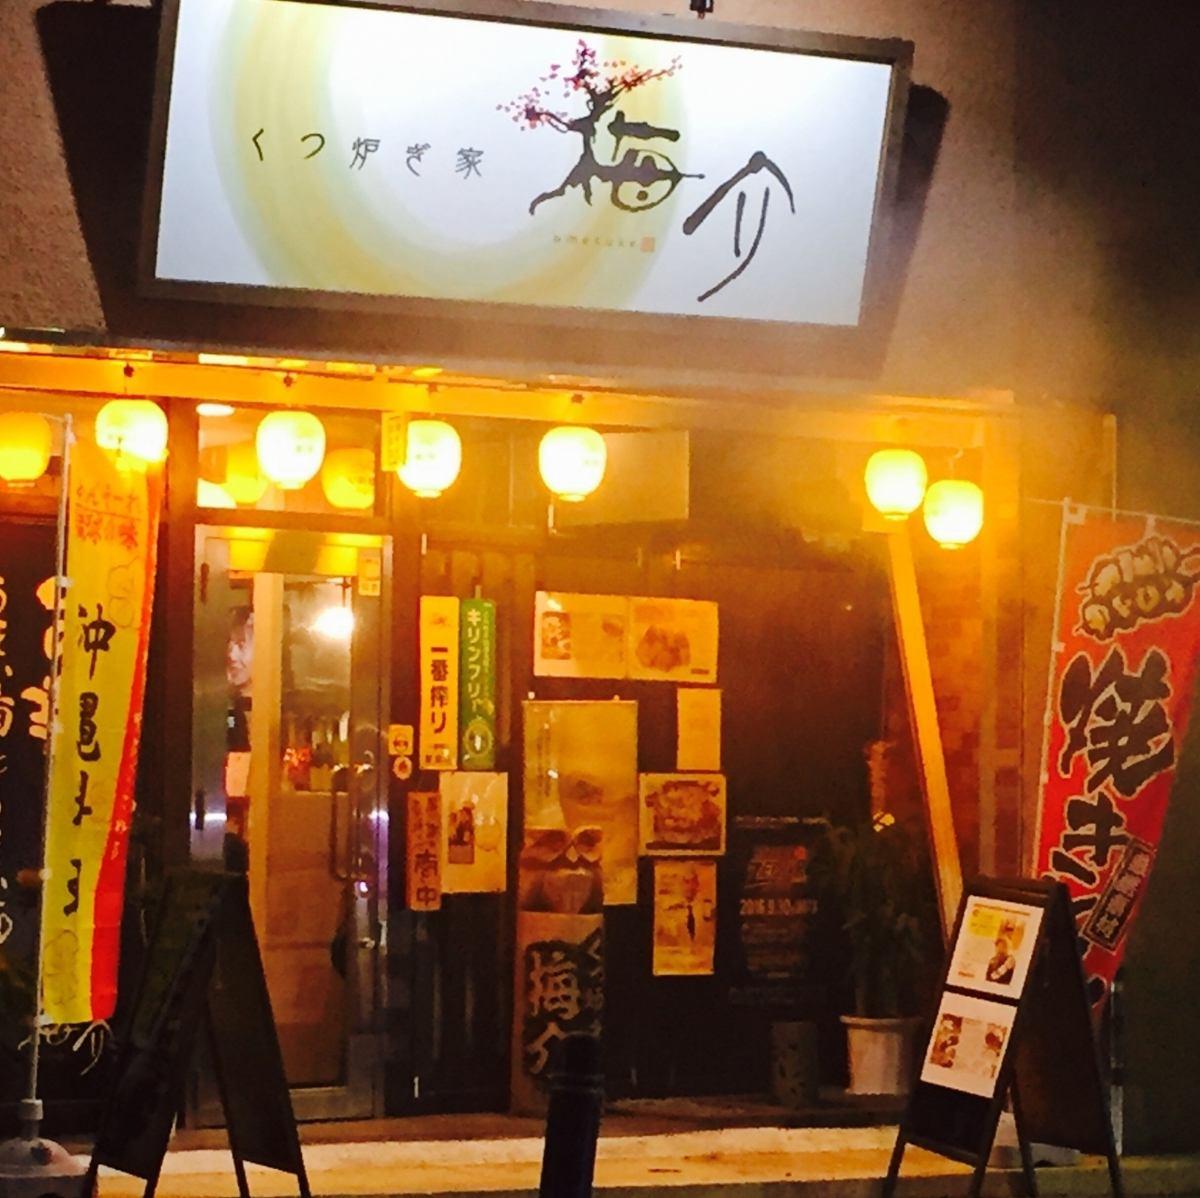 【くつ炉ぎ家 梅介】炭火焼き、焼鳥、沖縄料理も味わえるお店